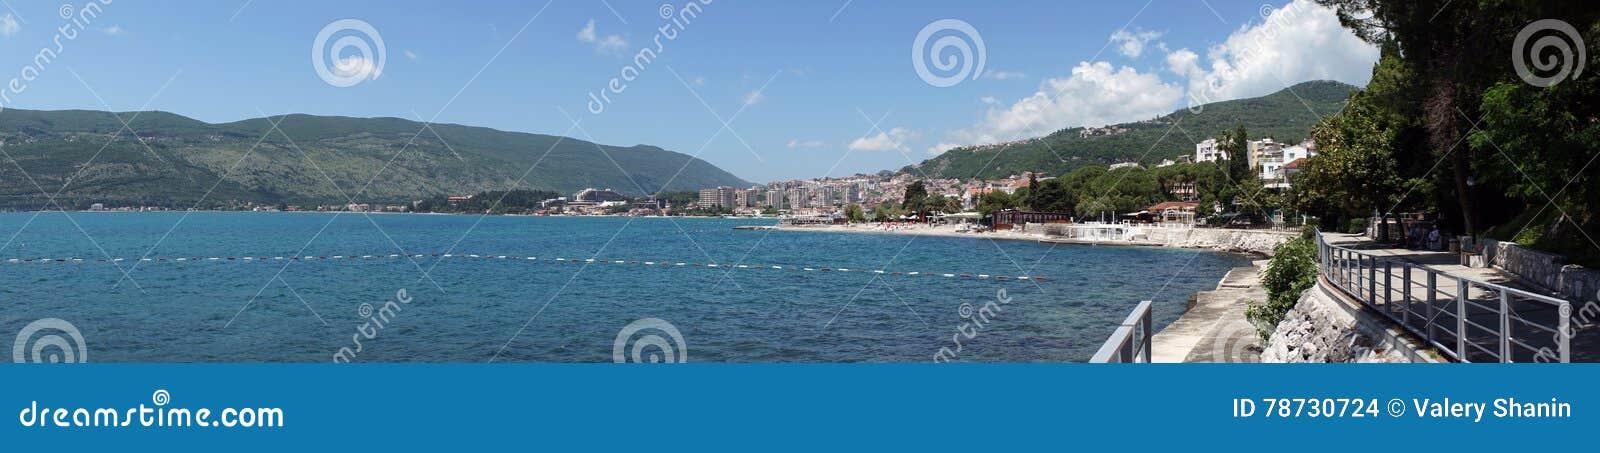 Panoramautsikt av havet i Herceg Novi